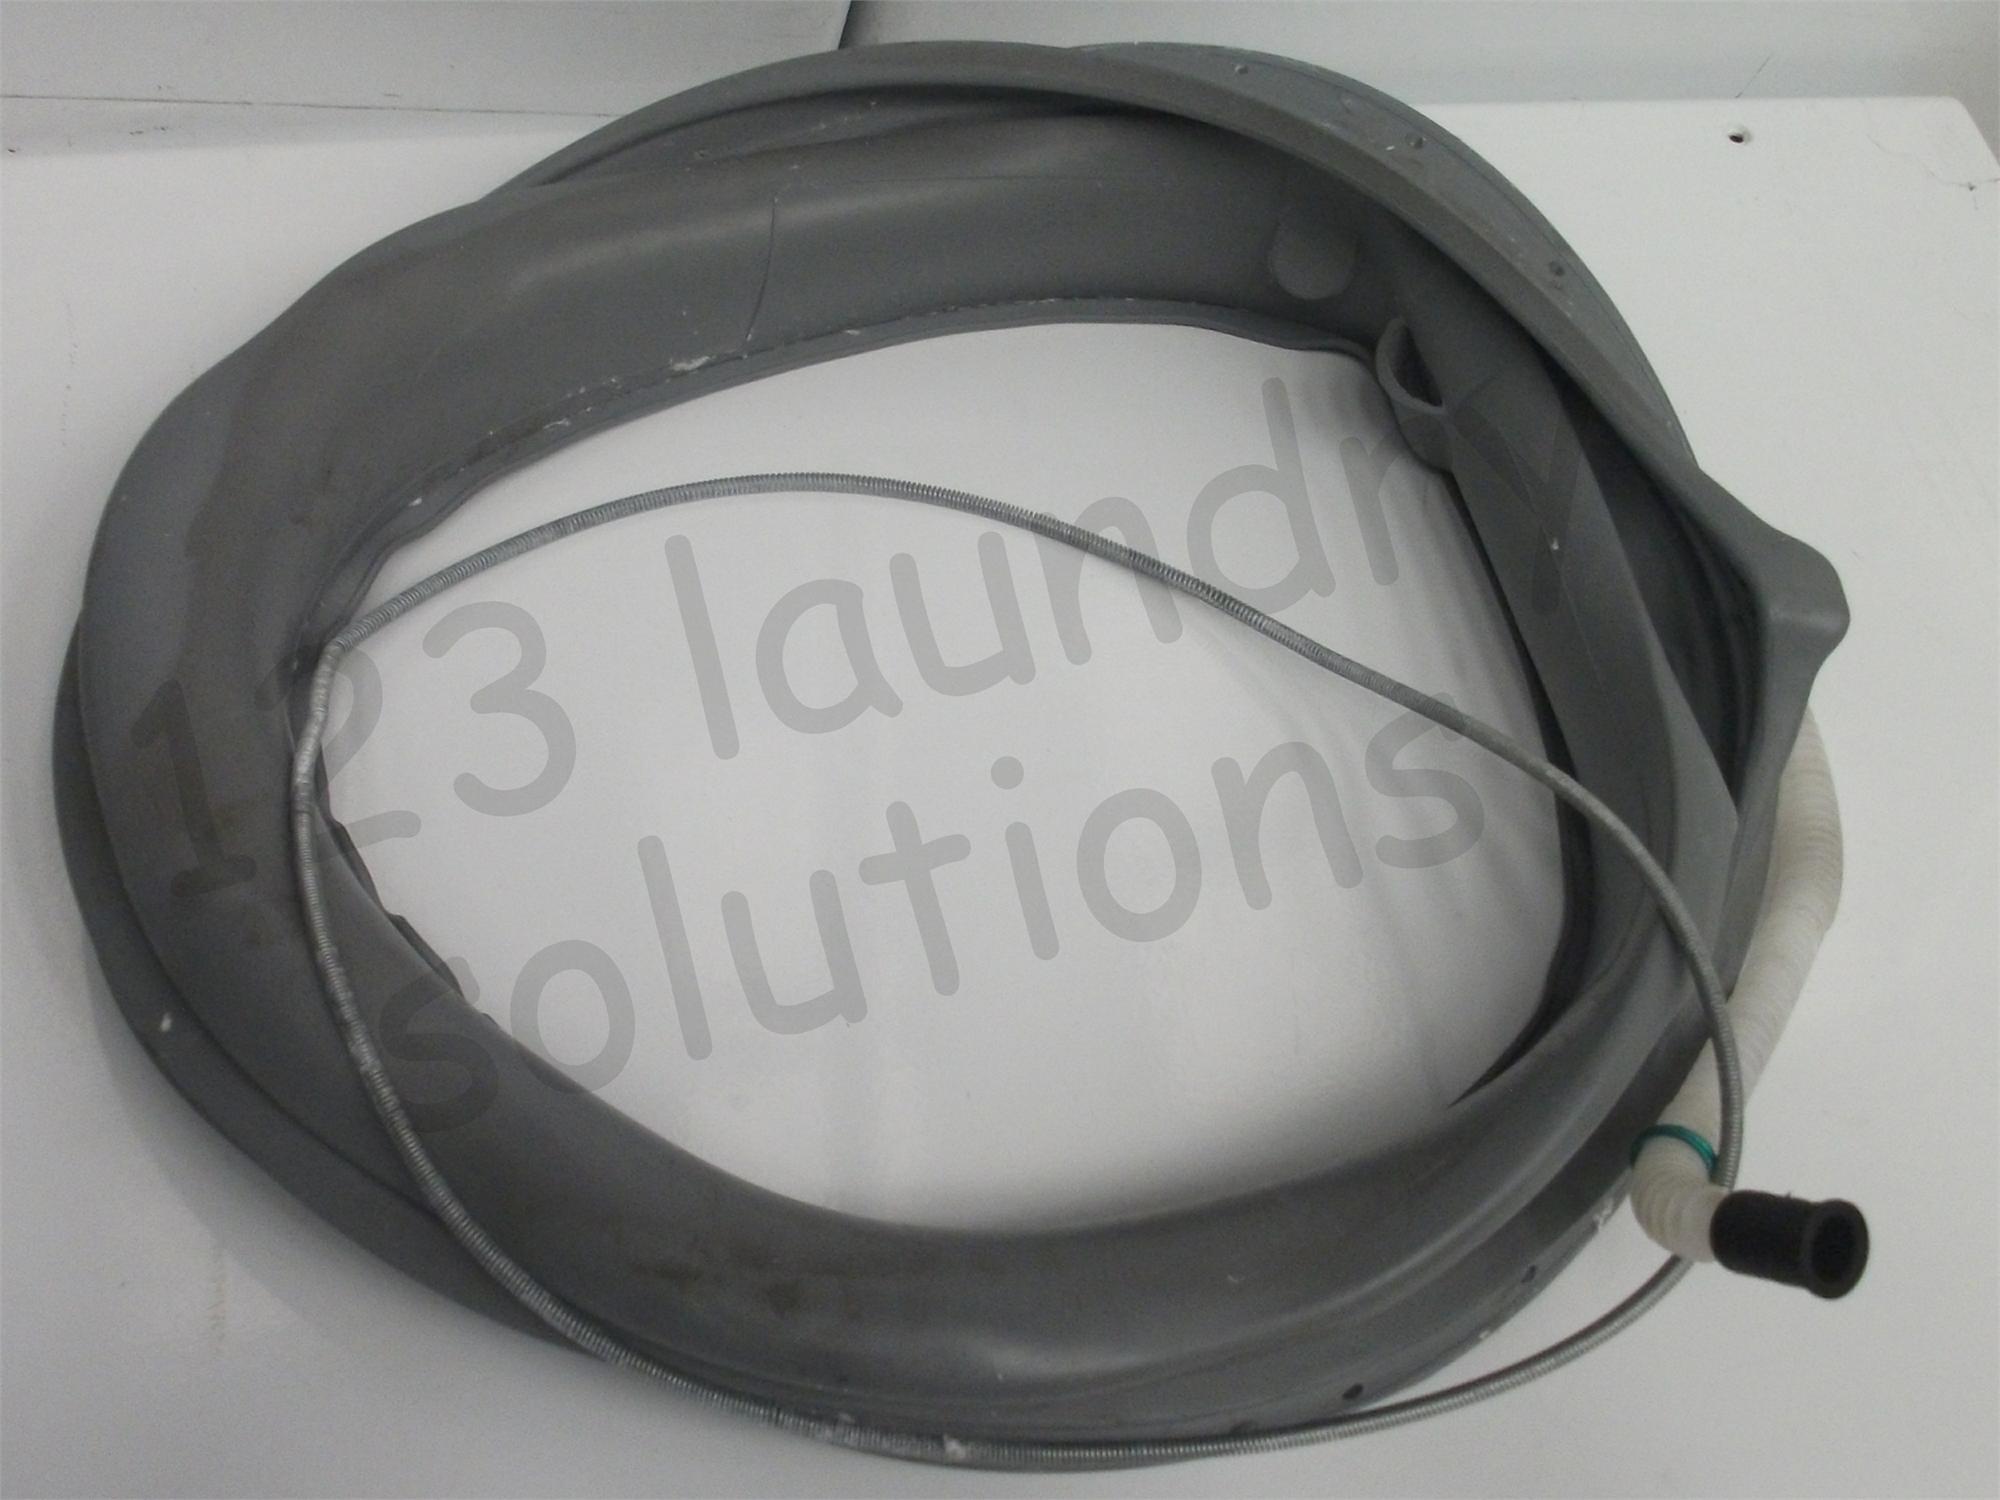 Frigidaire Washer Door Bellow Boot Seal 134740900 Used Ebay